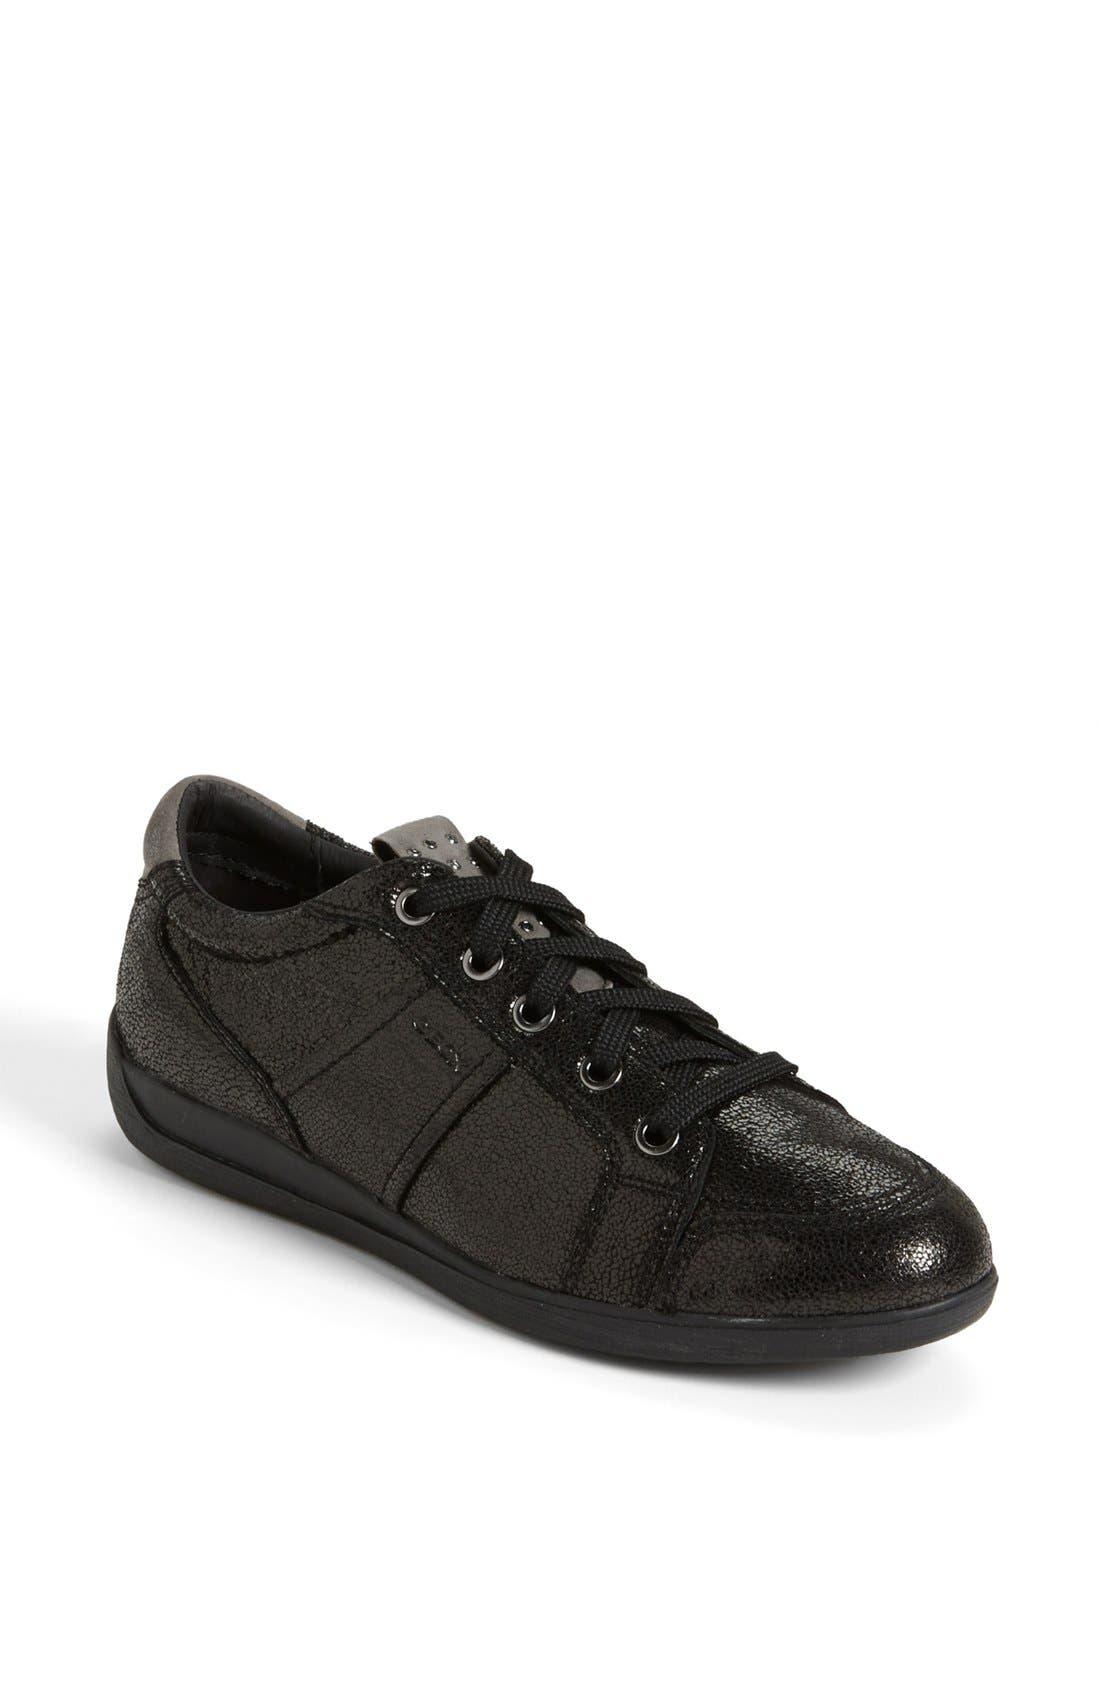 Alternate Image 1 Selected - Geox 'Myria' Sneaker